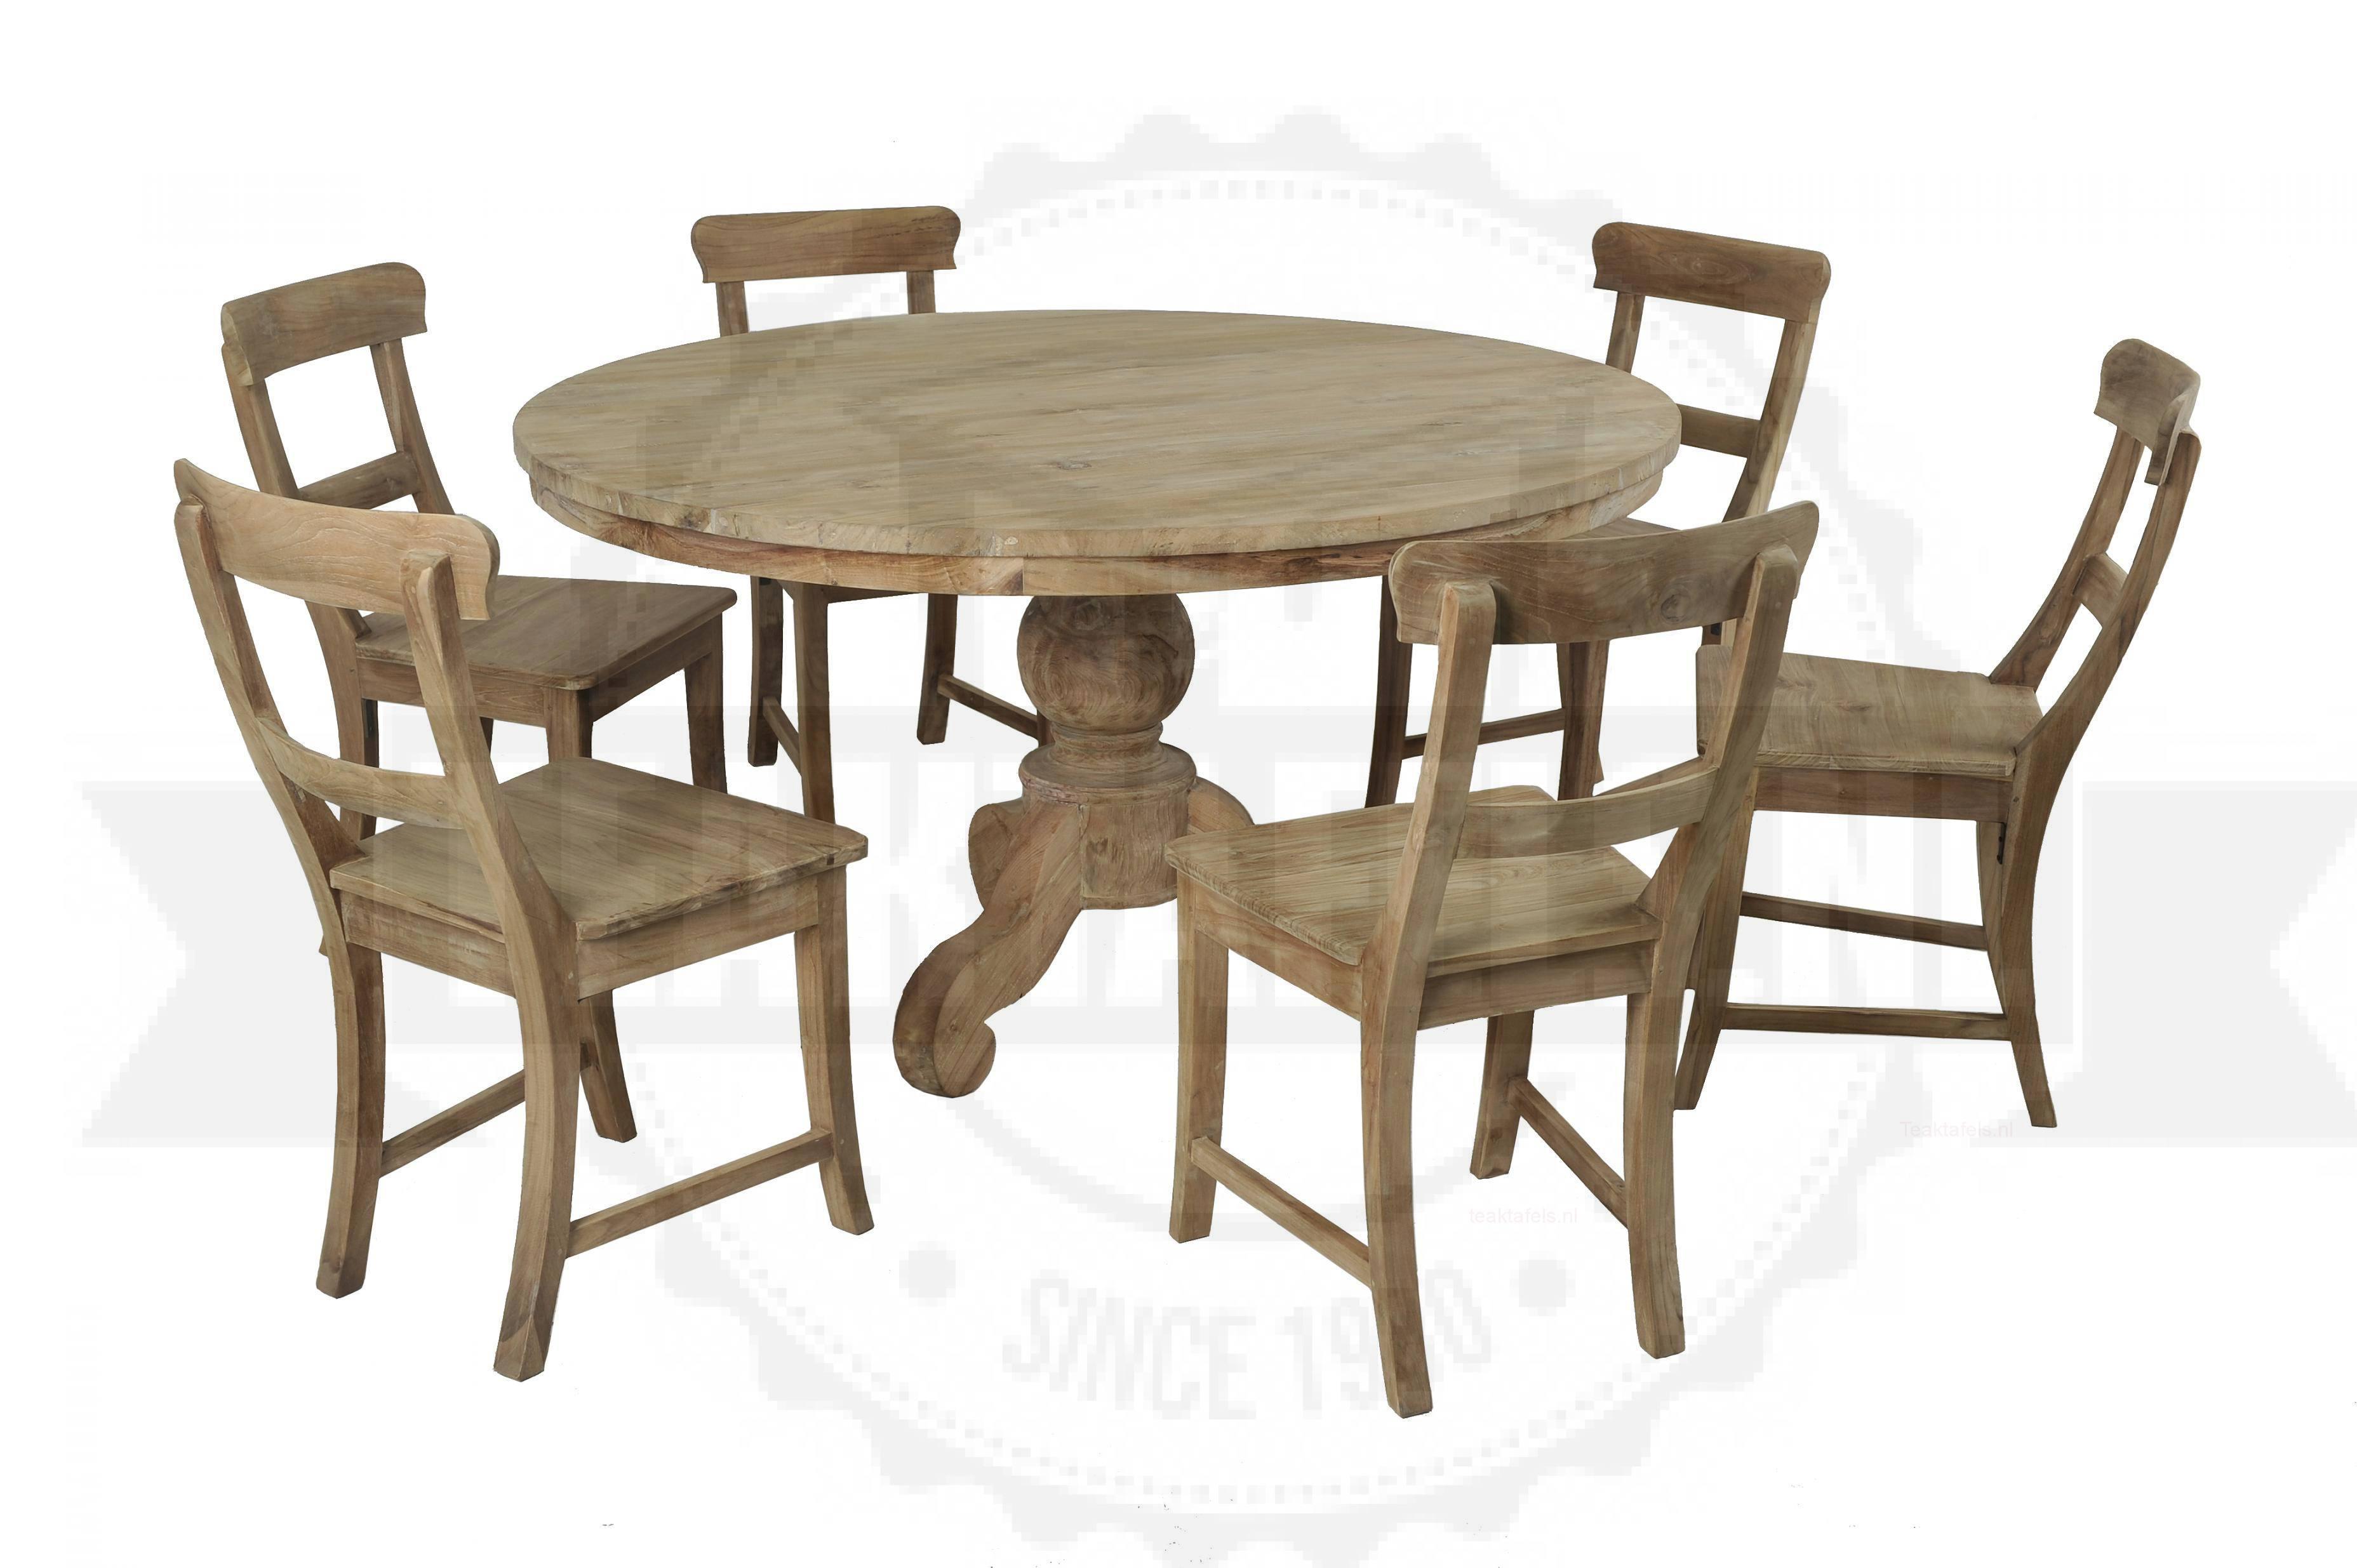 10x Ronde Salontafel : Ronde eettafel met stoelen